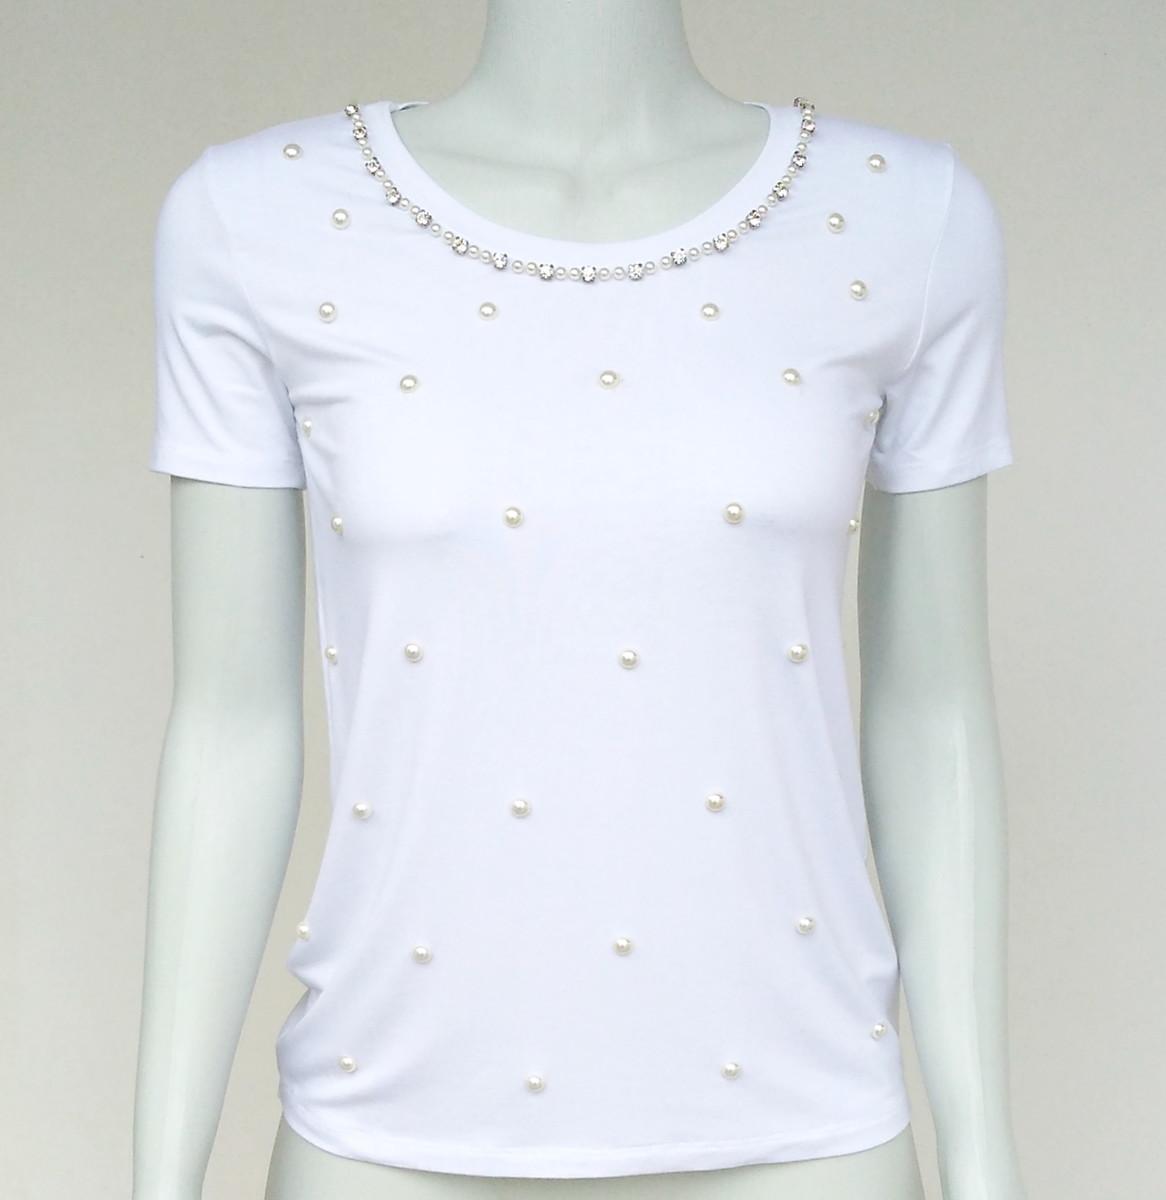 903579862724 Camiseta blusa bordada em pérolas VB30